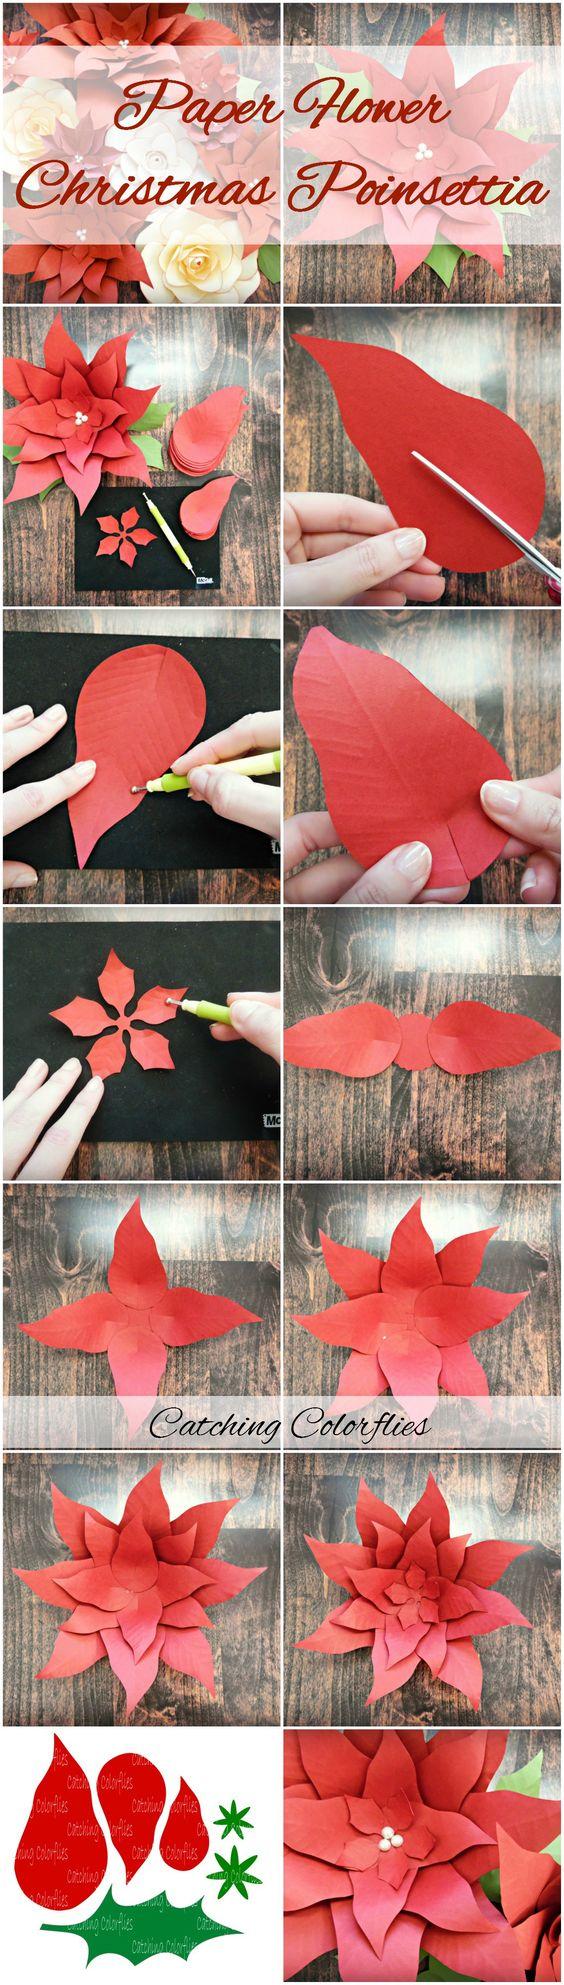 flores de pascua de papel